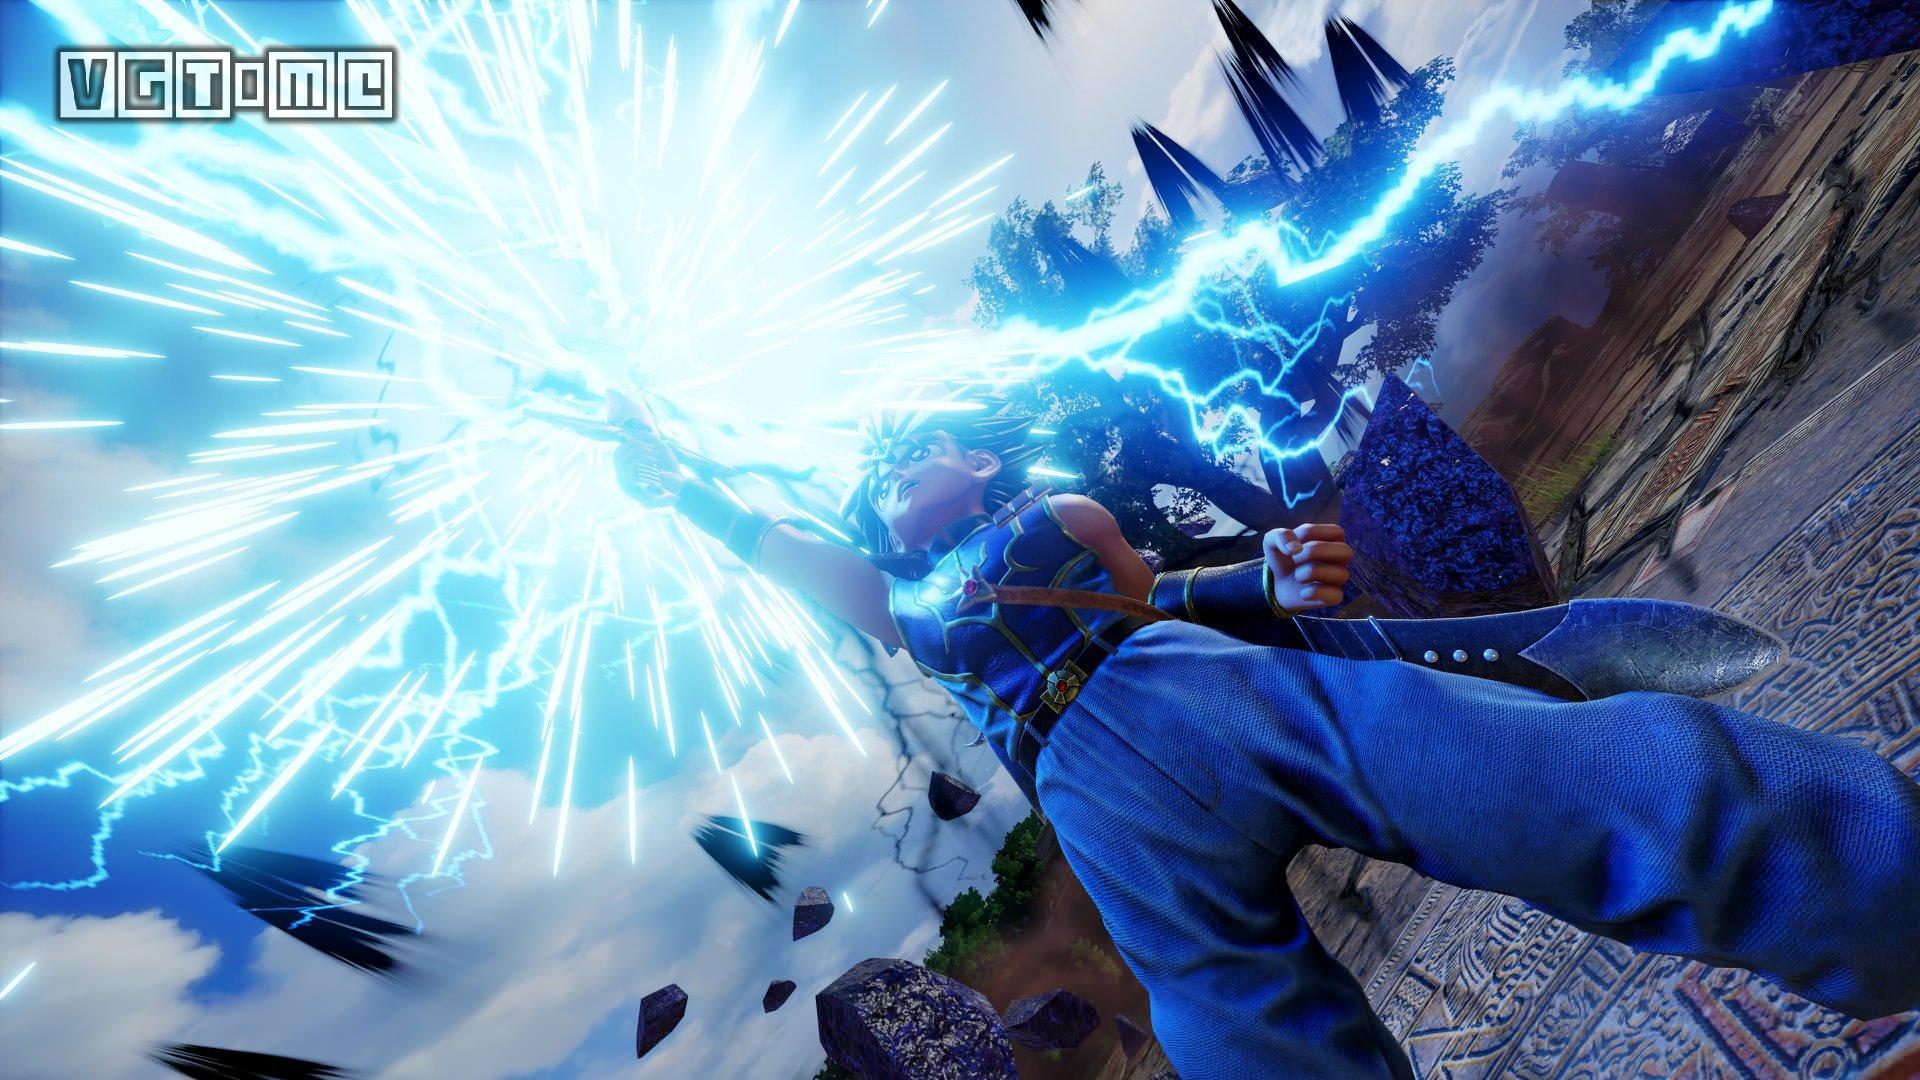 《Jump力量》龙骑士末裔达伊参战,公布大量高清截图